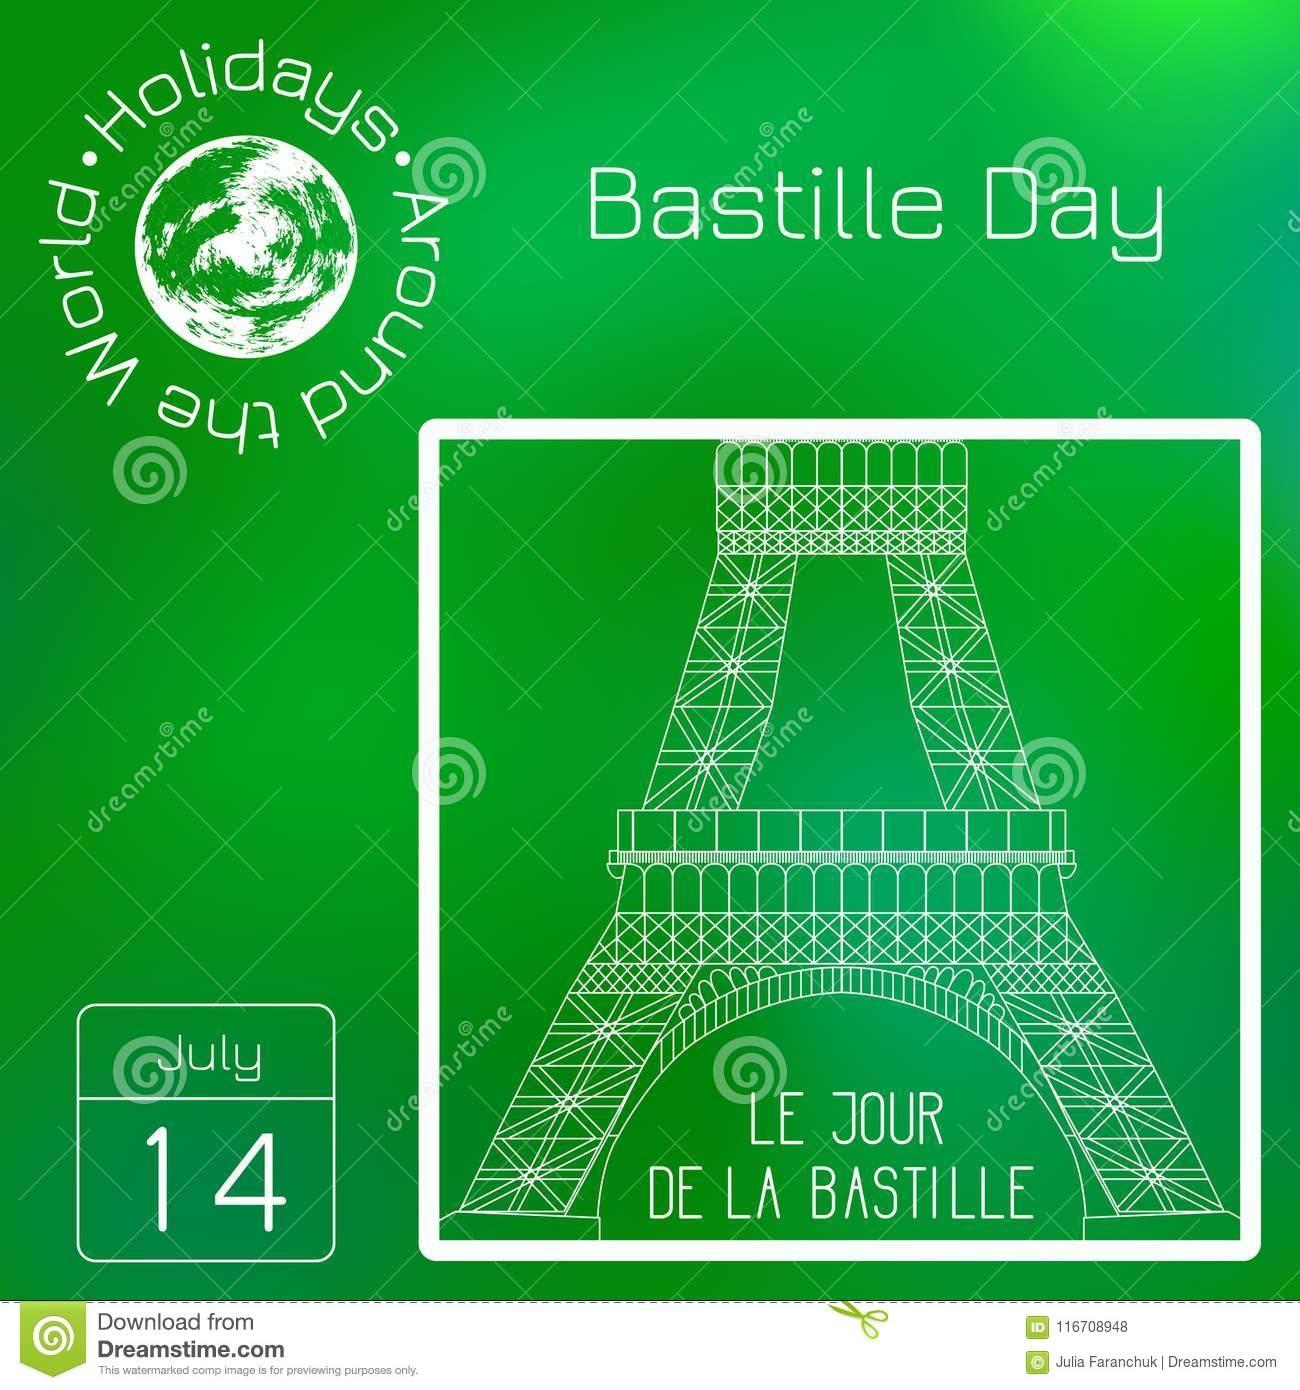 When Is Bastille Day 2021 Bastille Day 2022